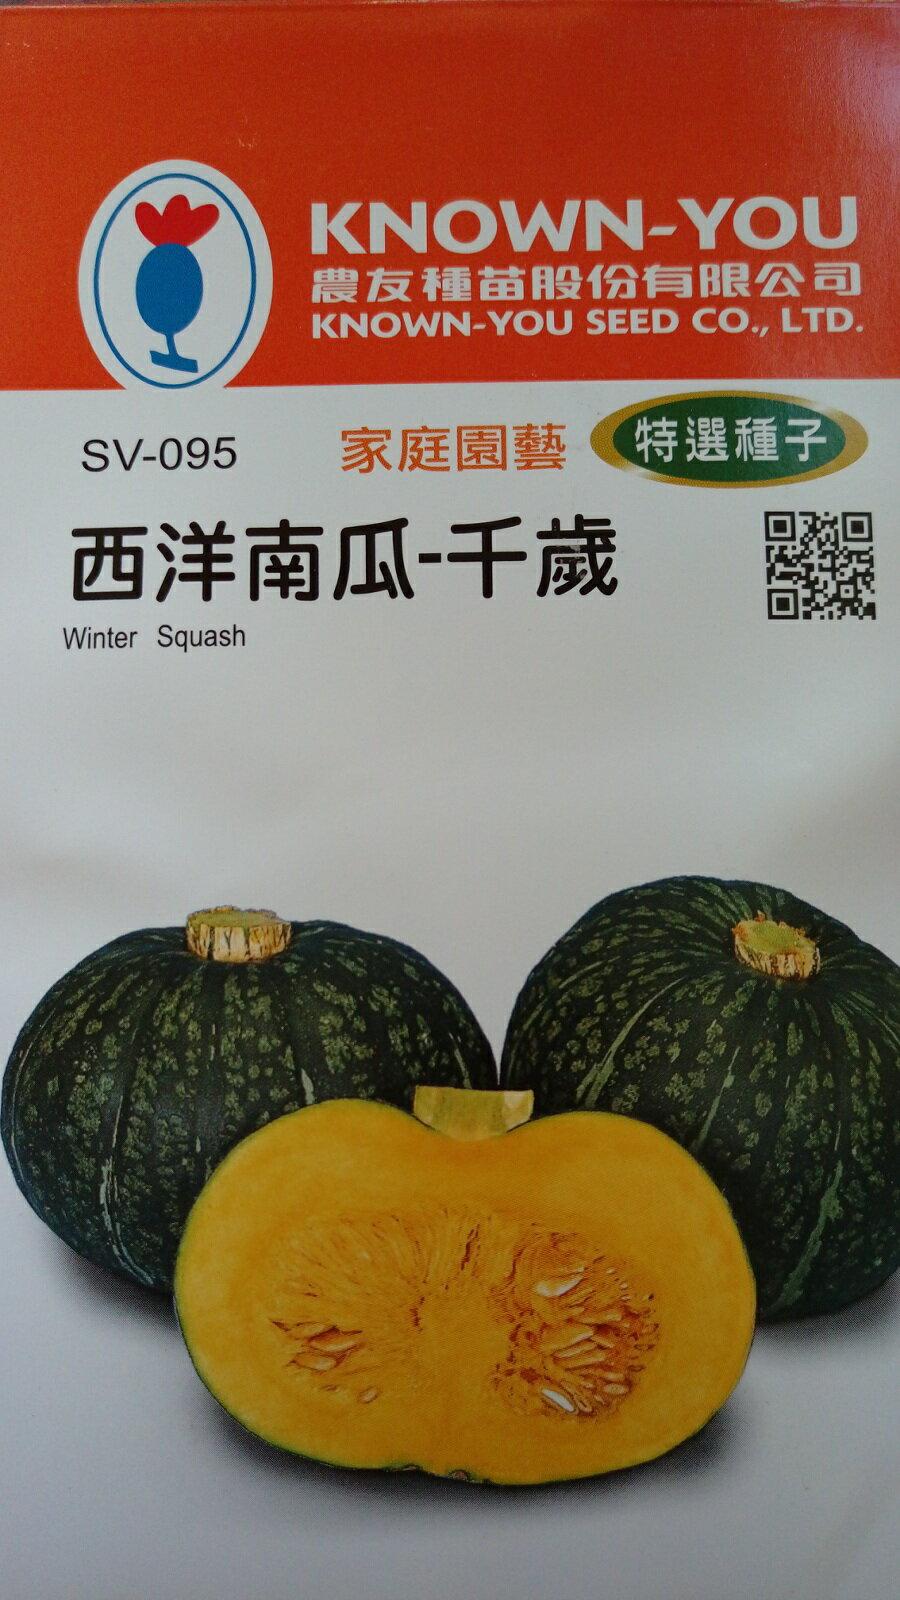 【尋花趣】農友種苗 西洋南瓜-千歲(特選種子) 蔬菜種子 每包約6粒 保證新鮮種子